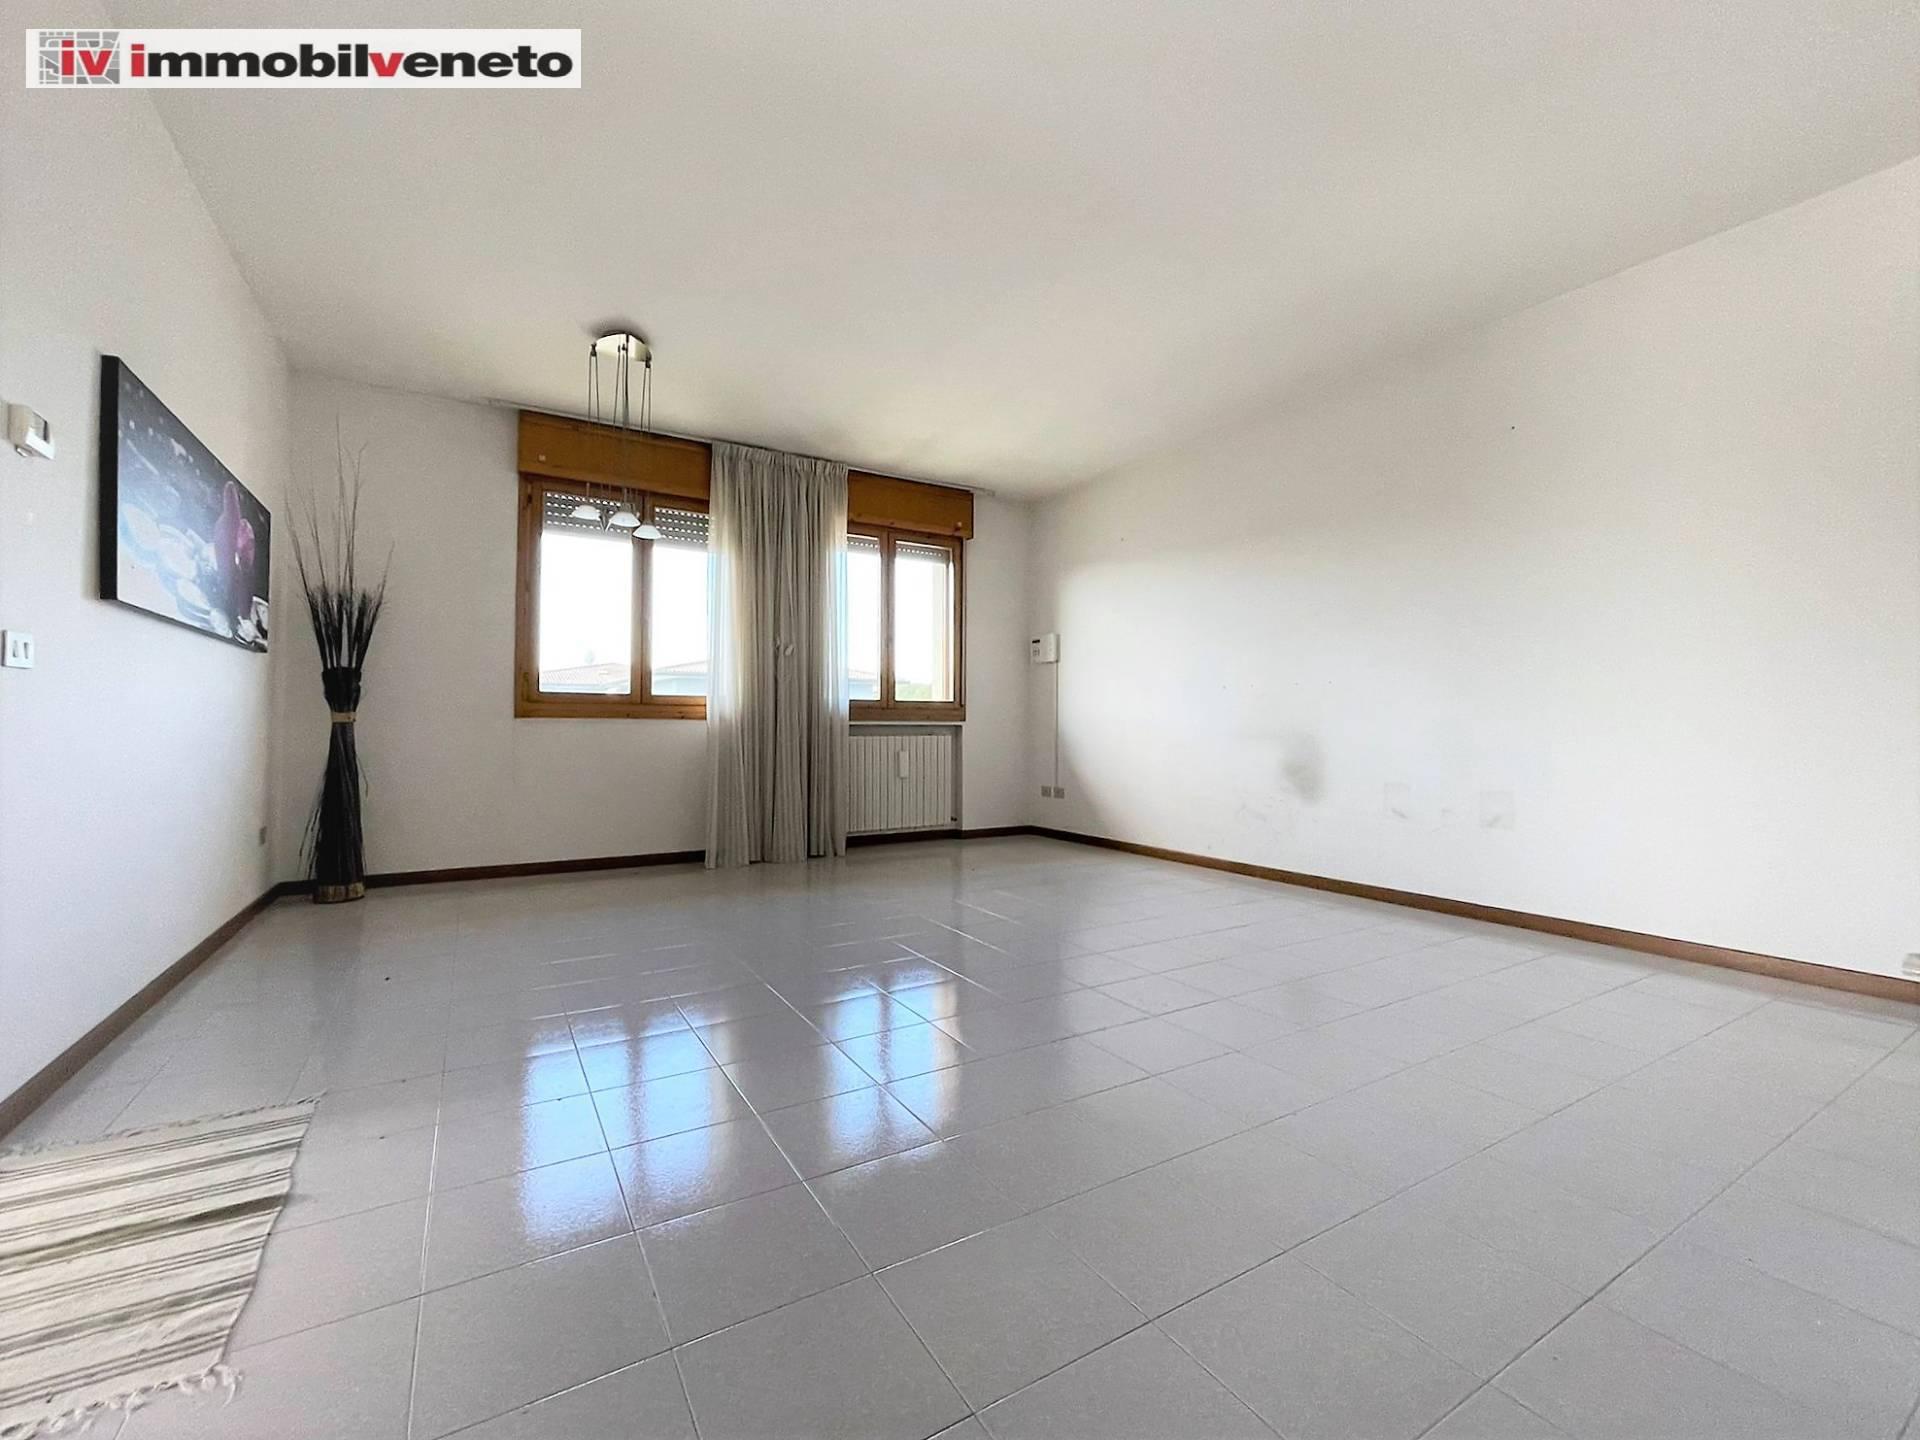 Appartamento in vendita a Lonigo, 5 locali, prezzo € 108.000   CambioCasa.it